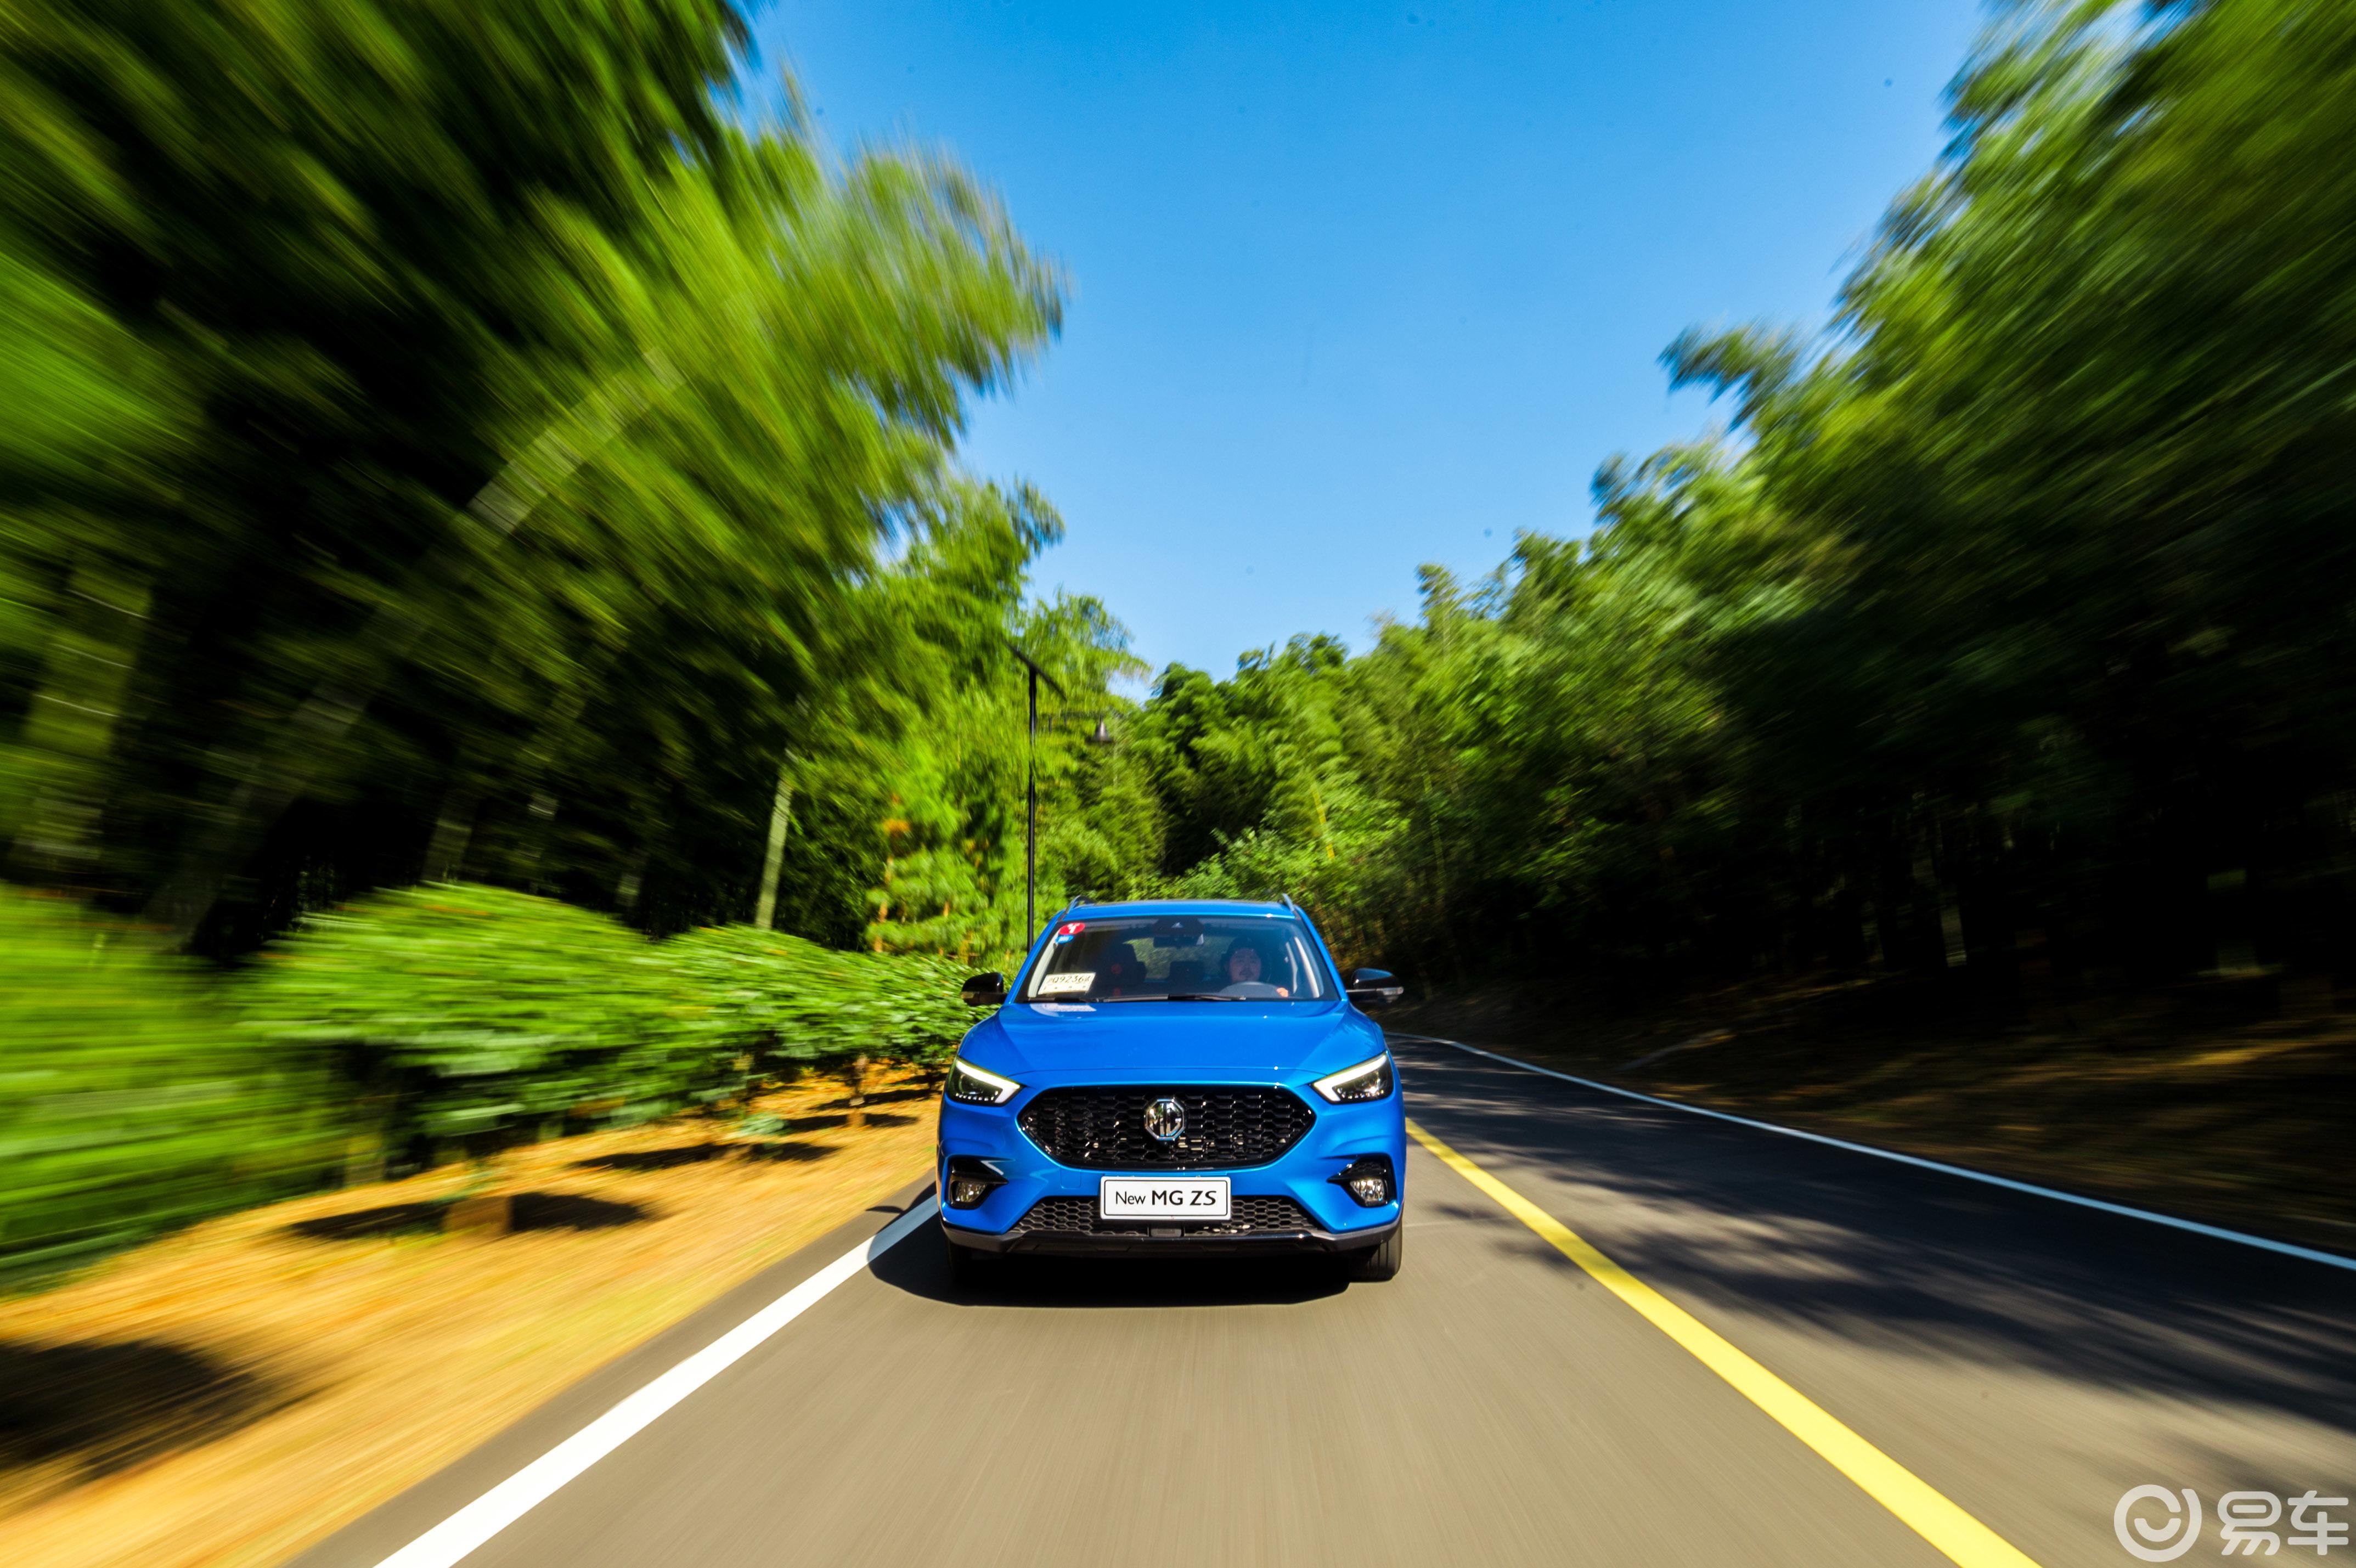 配备L2级别辅助驾驶 全新名爵ZS上市 售7.98万元起